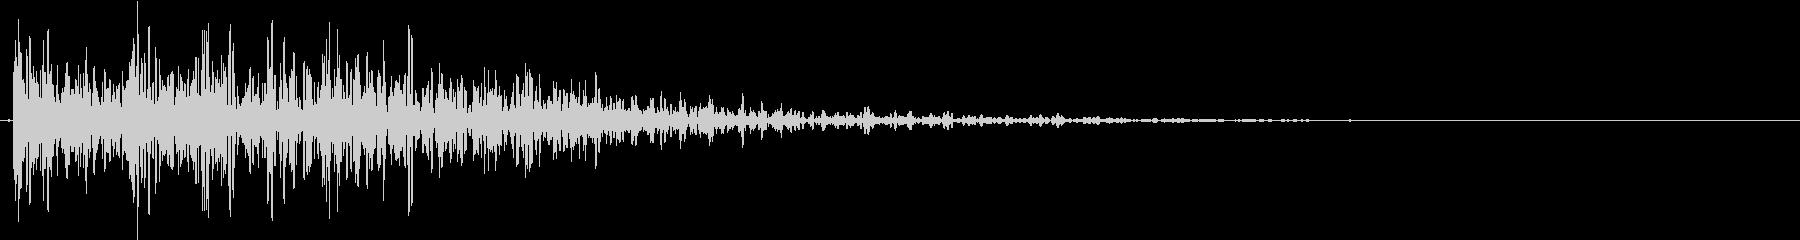 【生録音】プラスチックのボードを置く音2の未再生の波形